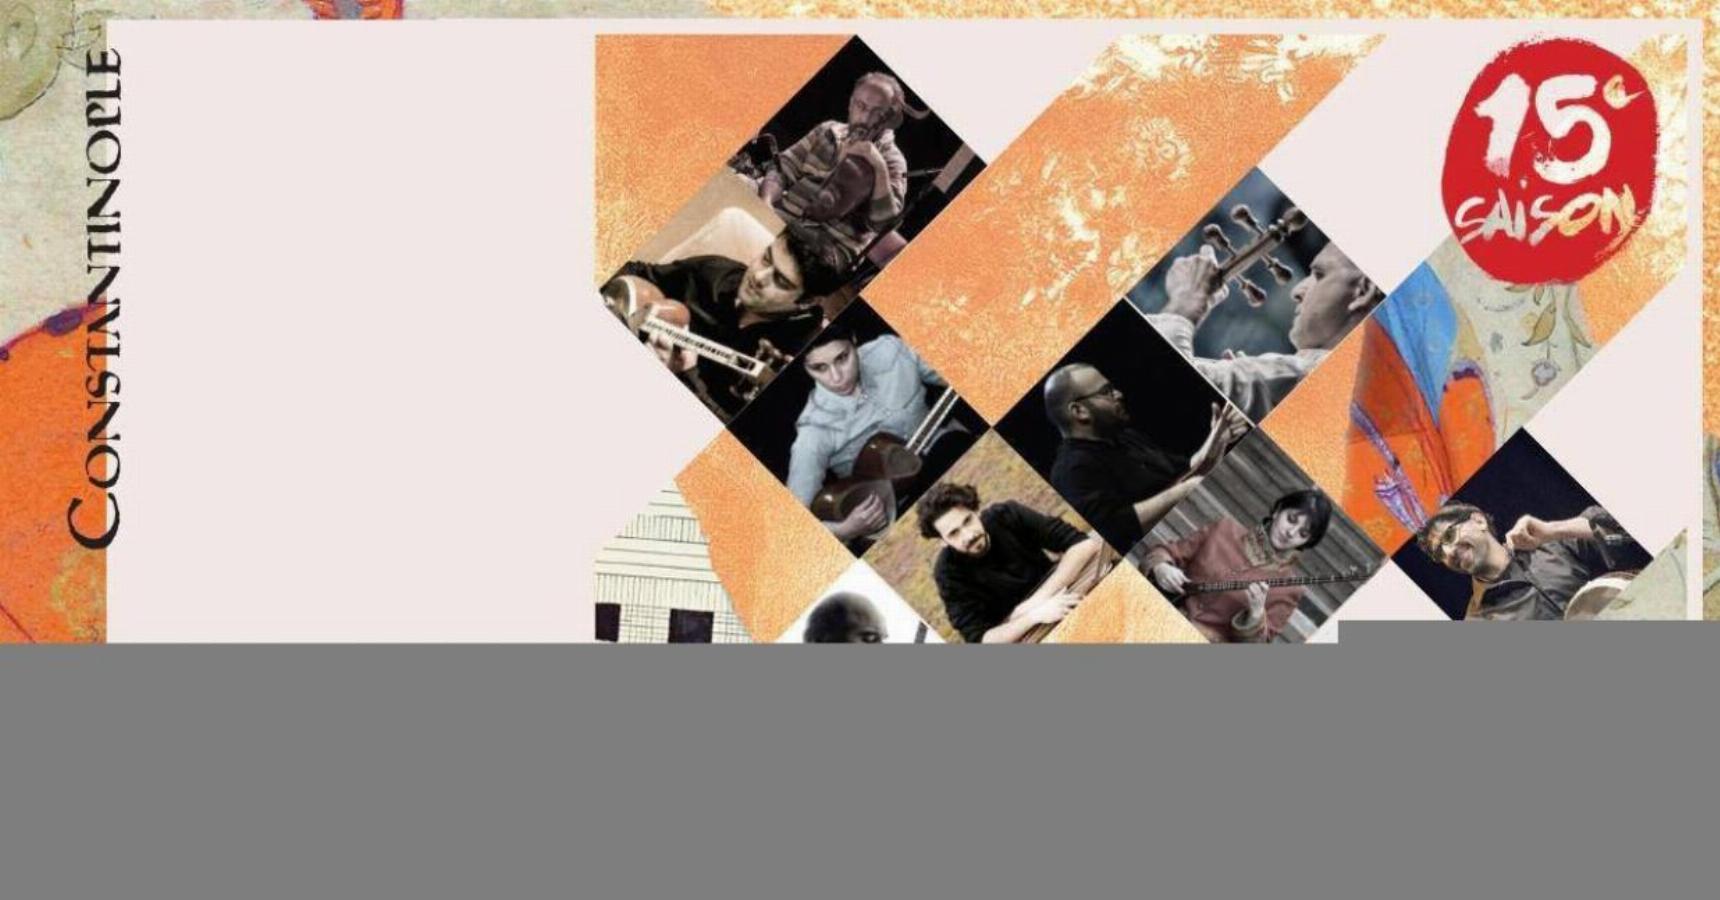 """کنسرت گروه هنری Constantinople با آواز خواننده تحسین شده """"سپیده رئیس سادات"""" در مونتریال"""